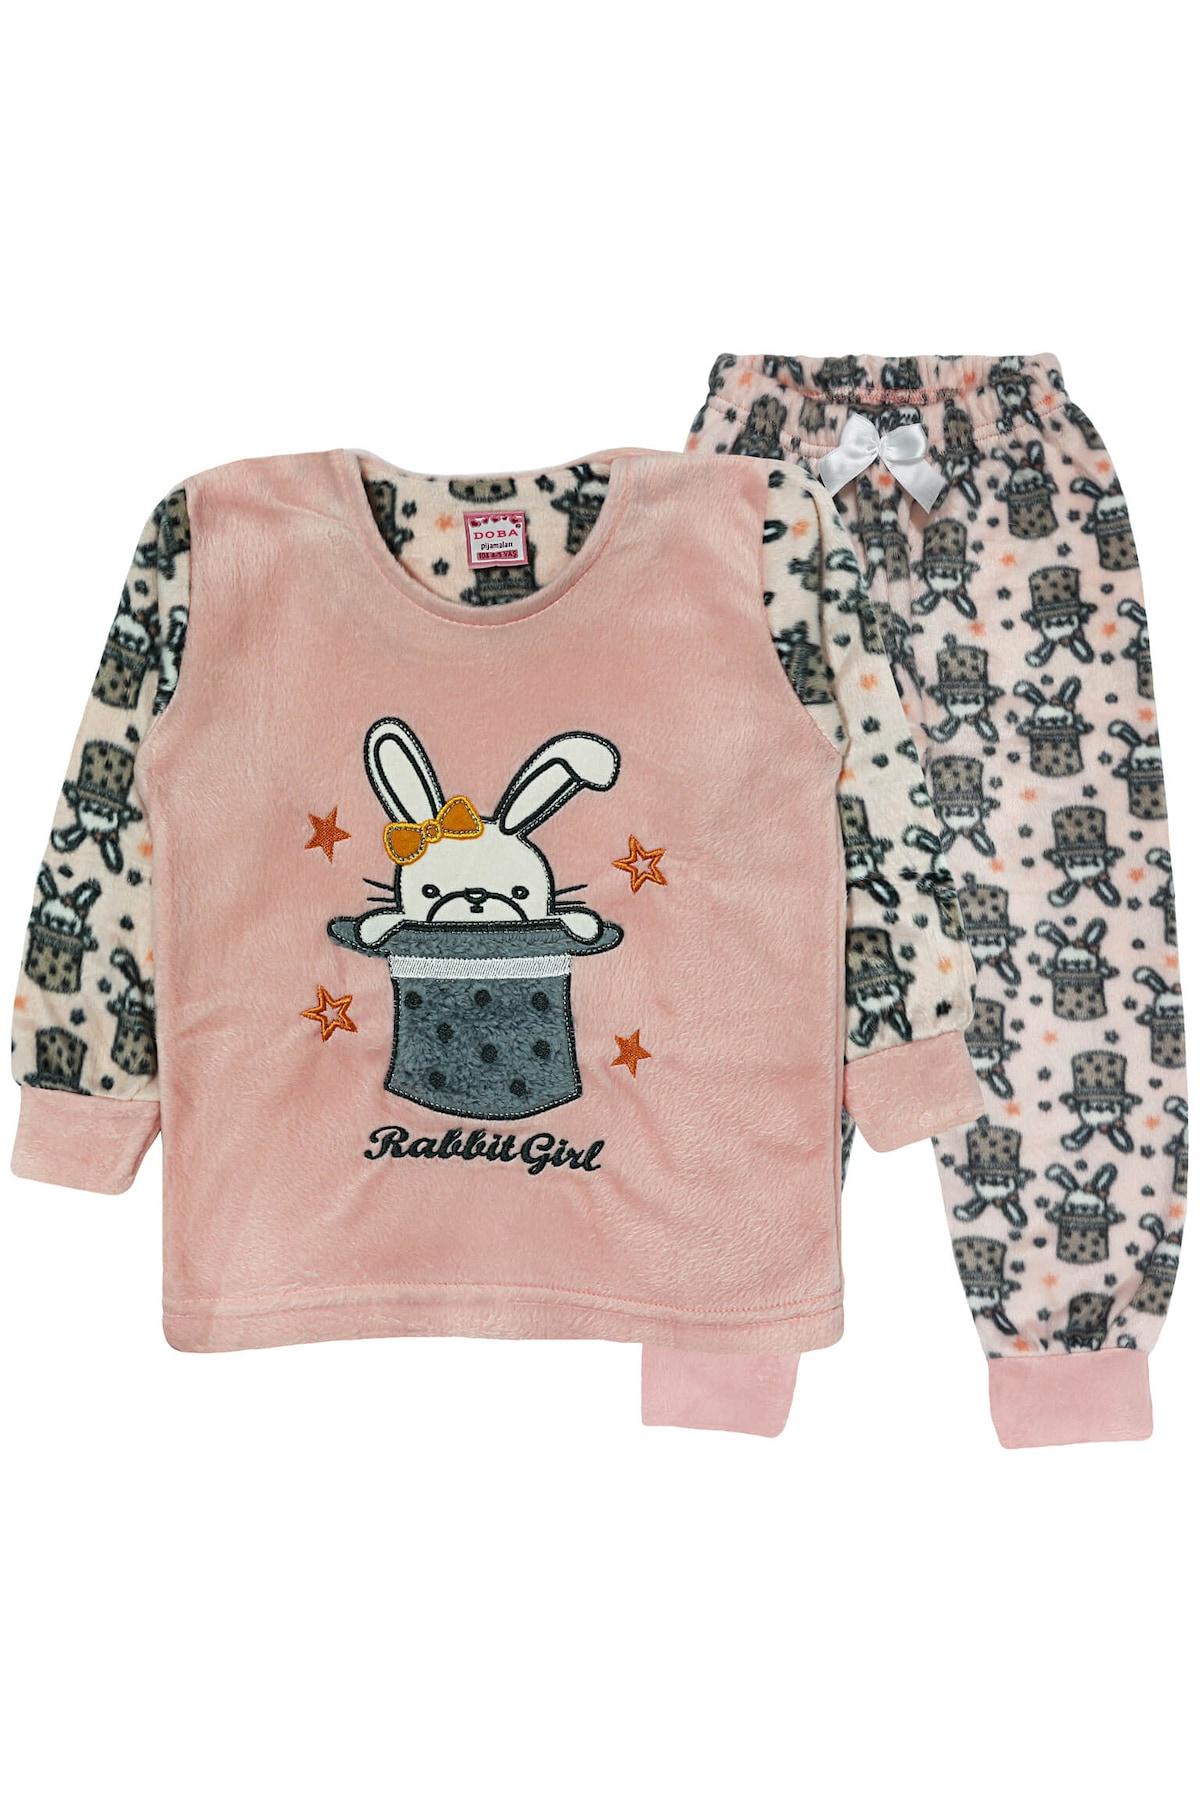 Kız Çocuk Pijama ve Gecelik Modelleri ile Yeni Moda